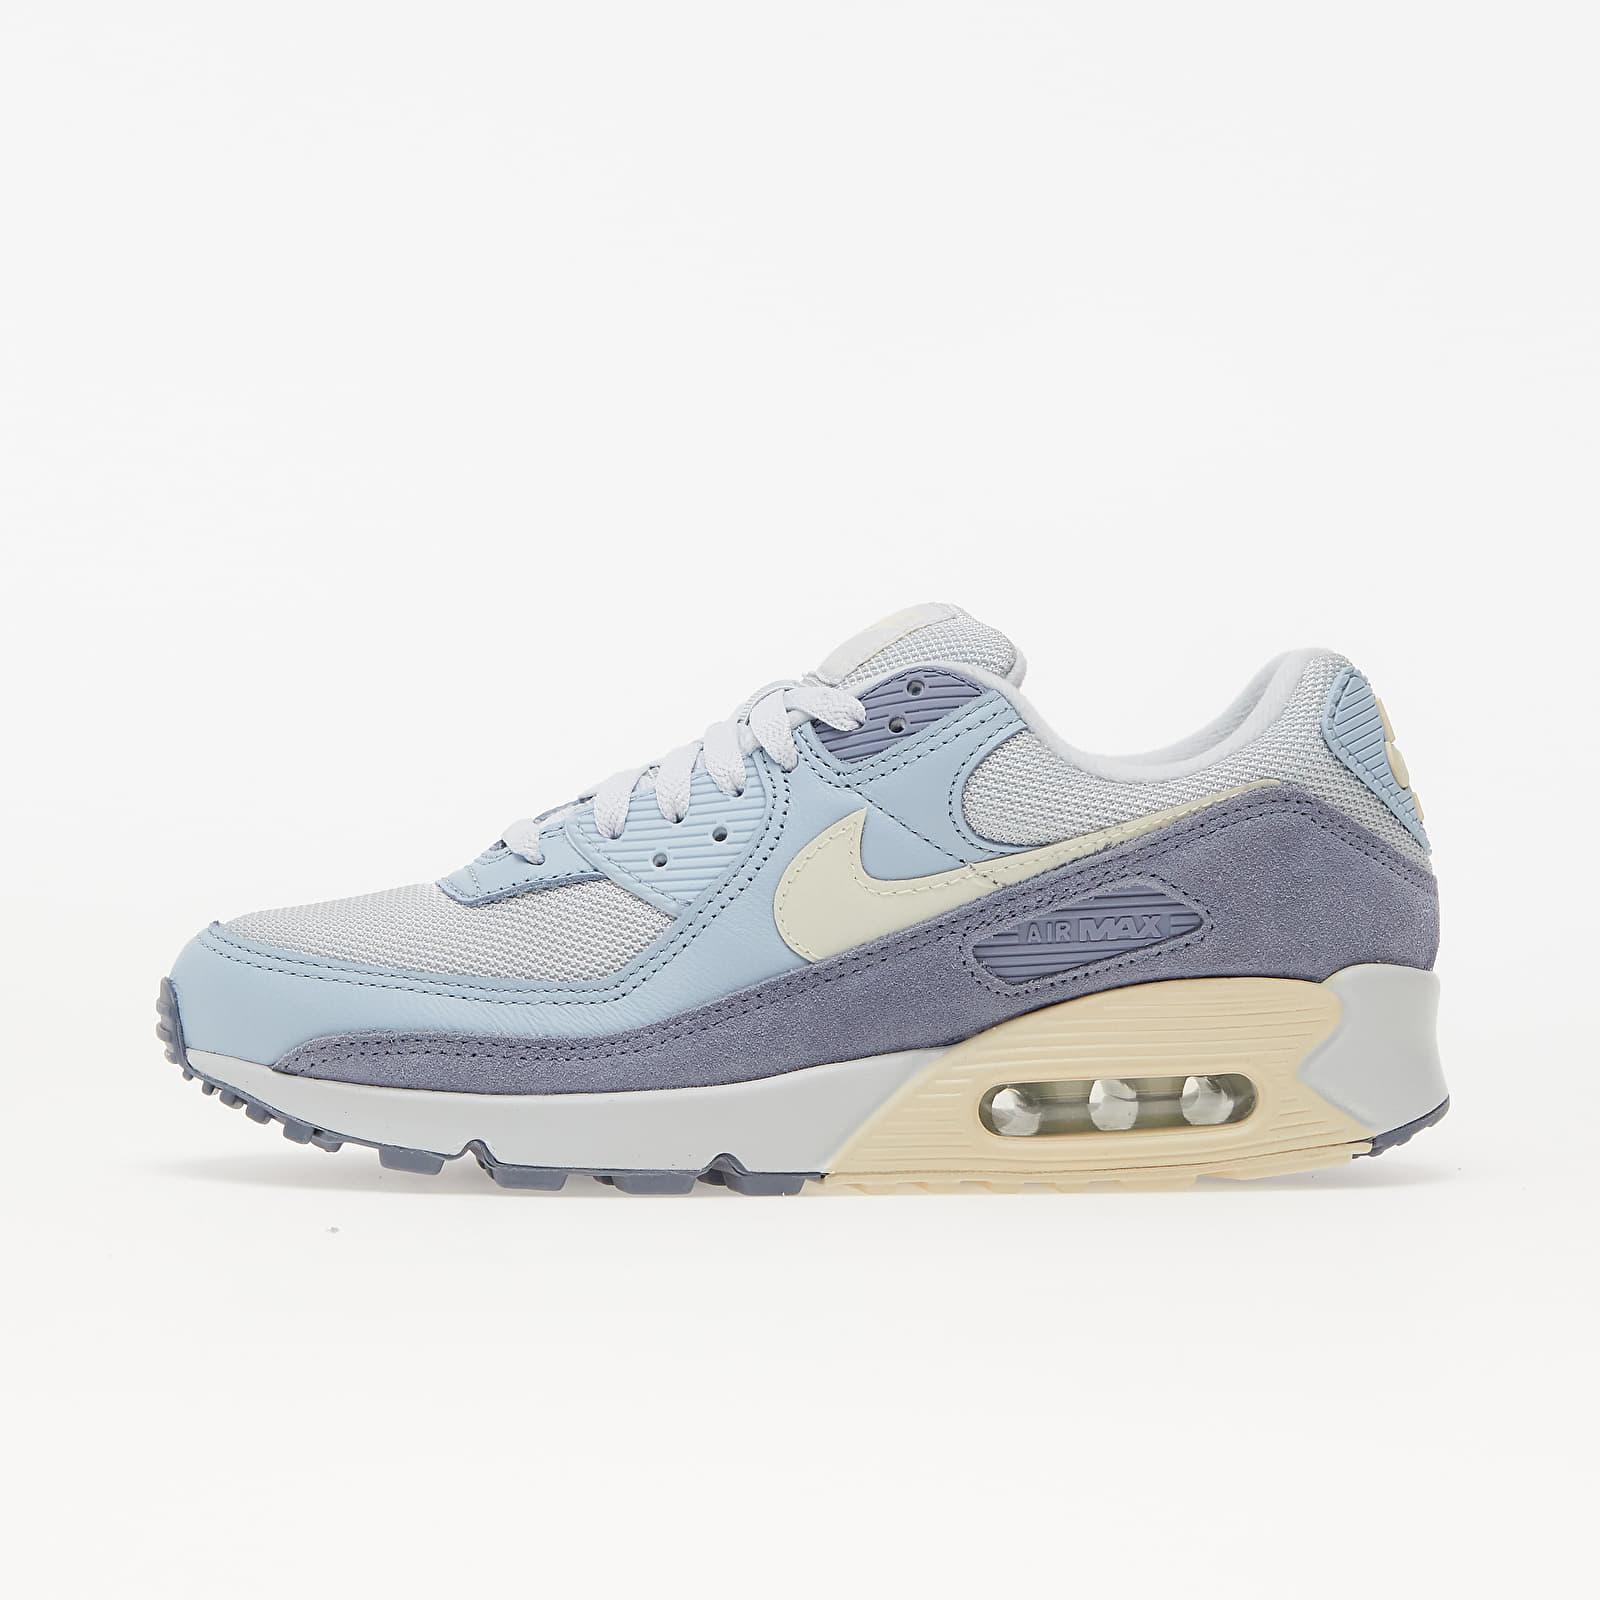 Nike Air Max 90 Premium Pure Platinum/ Beach-Ashen Slate EUR 44